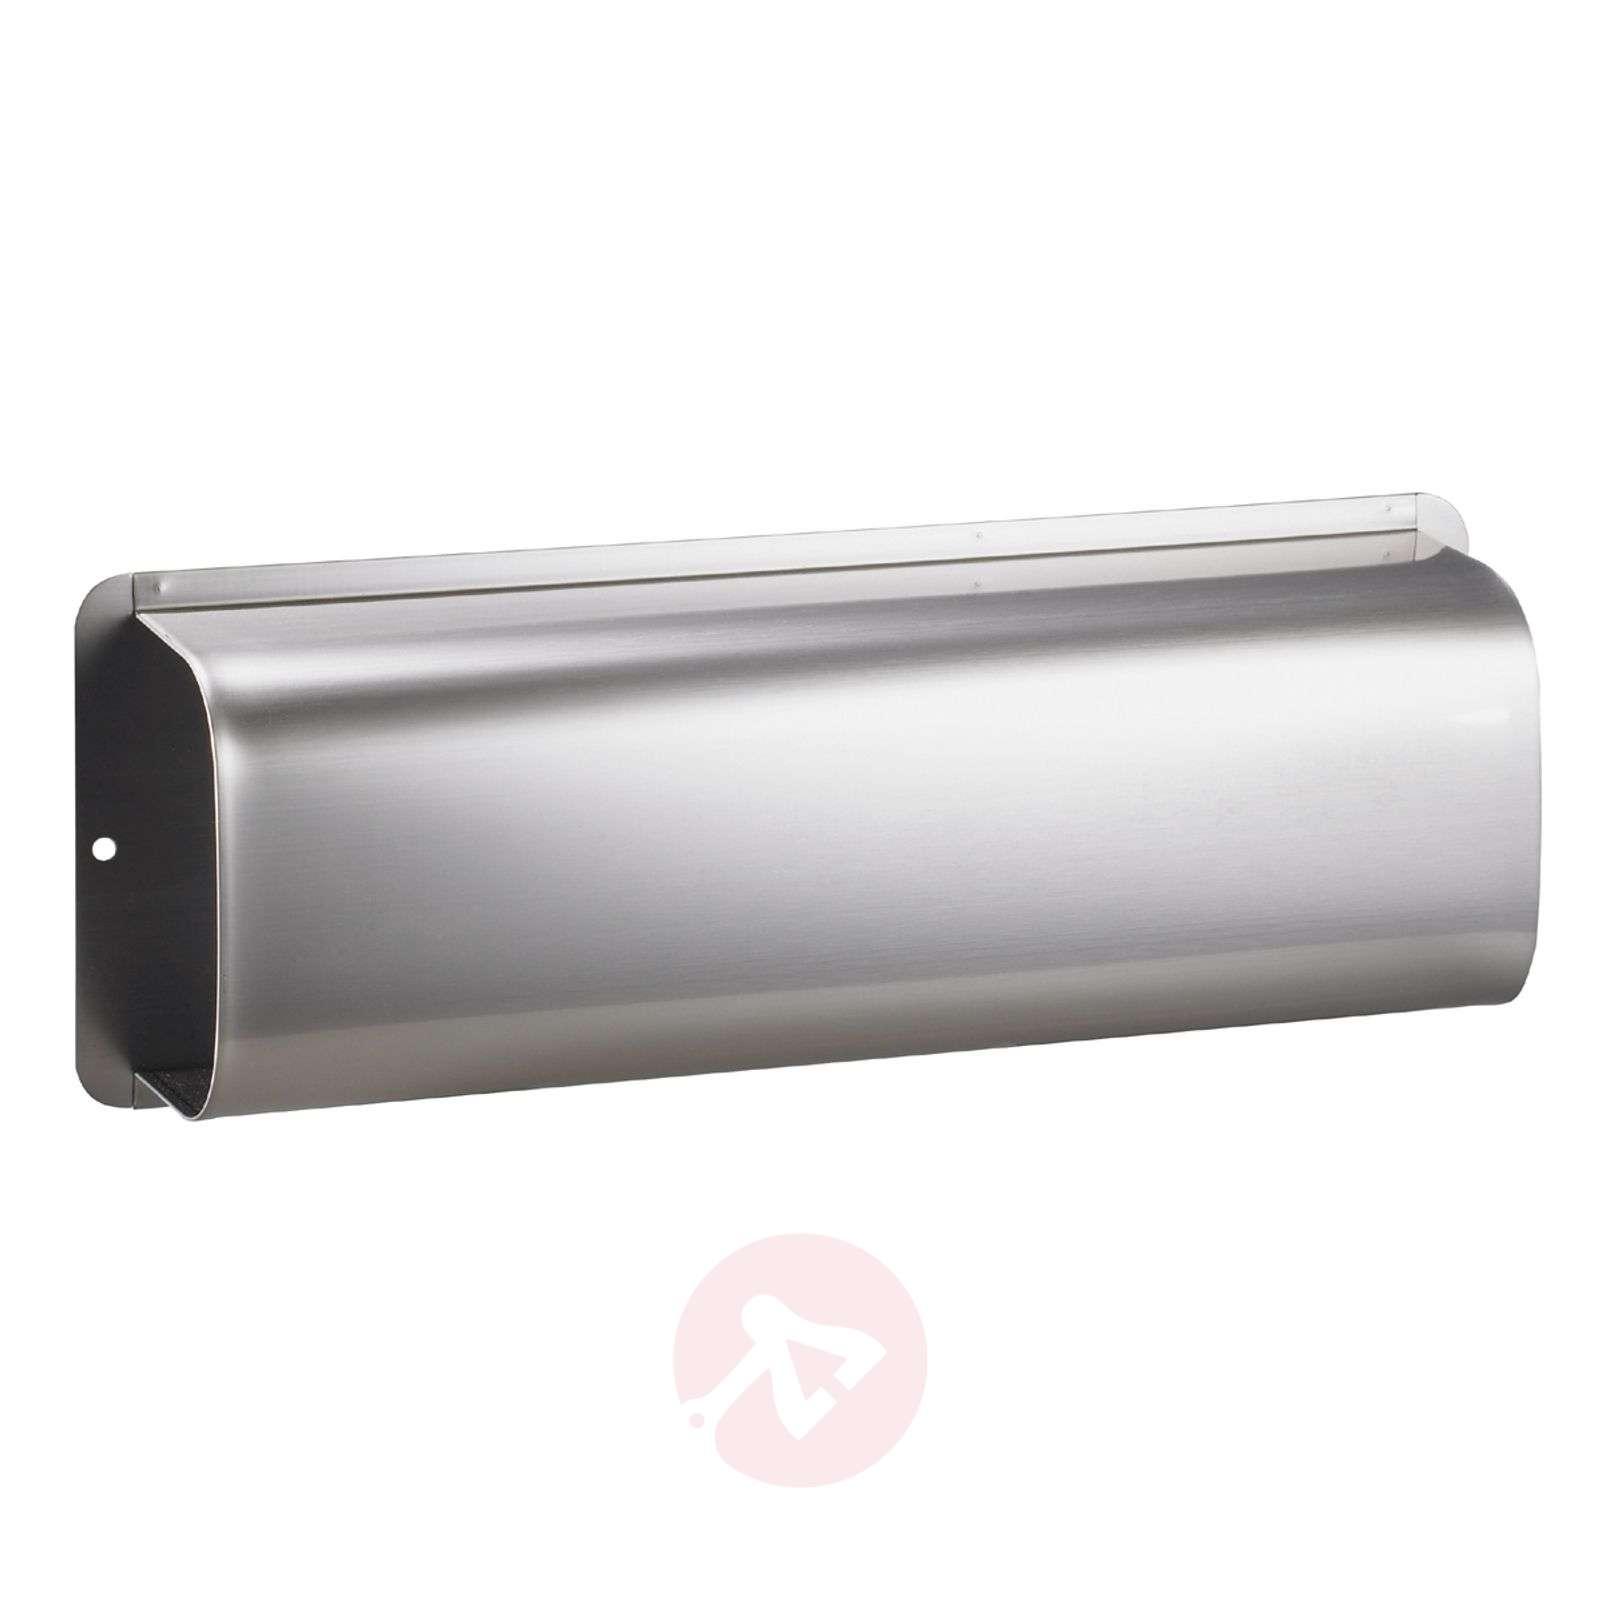 Lehtilokero RAIN-postilaatikolle ruostumaton teräs-1003098-01